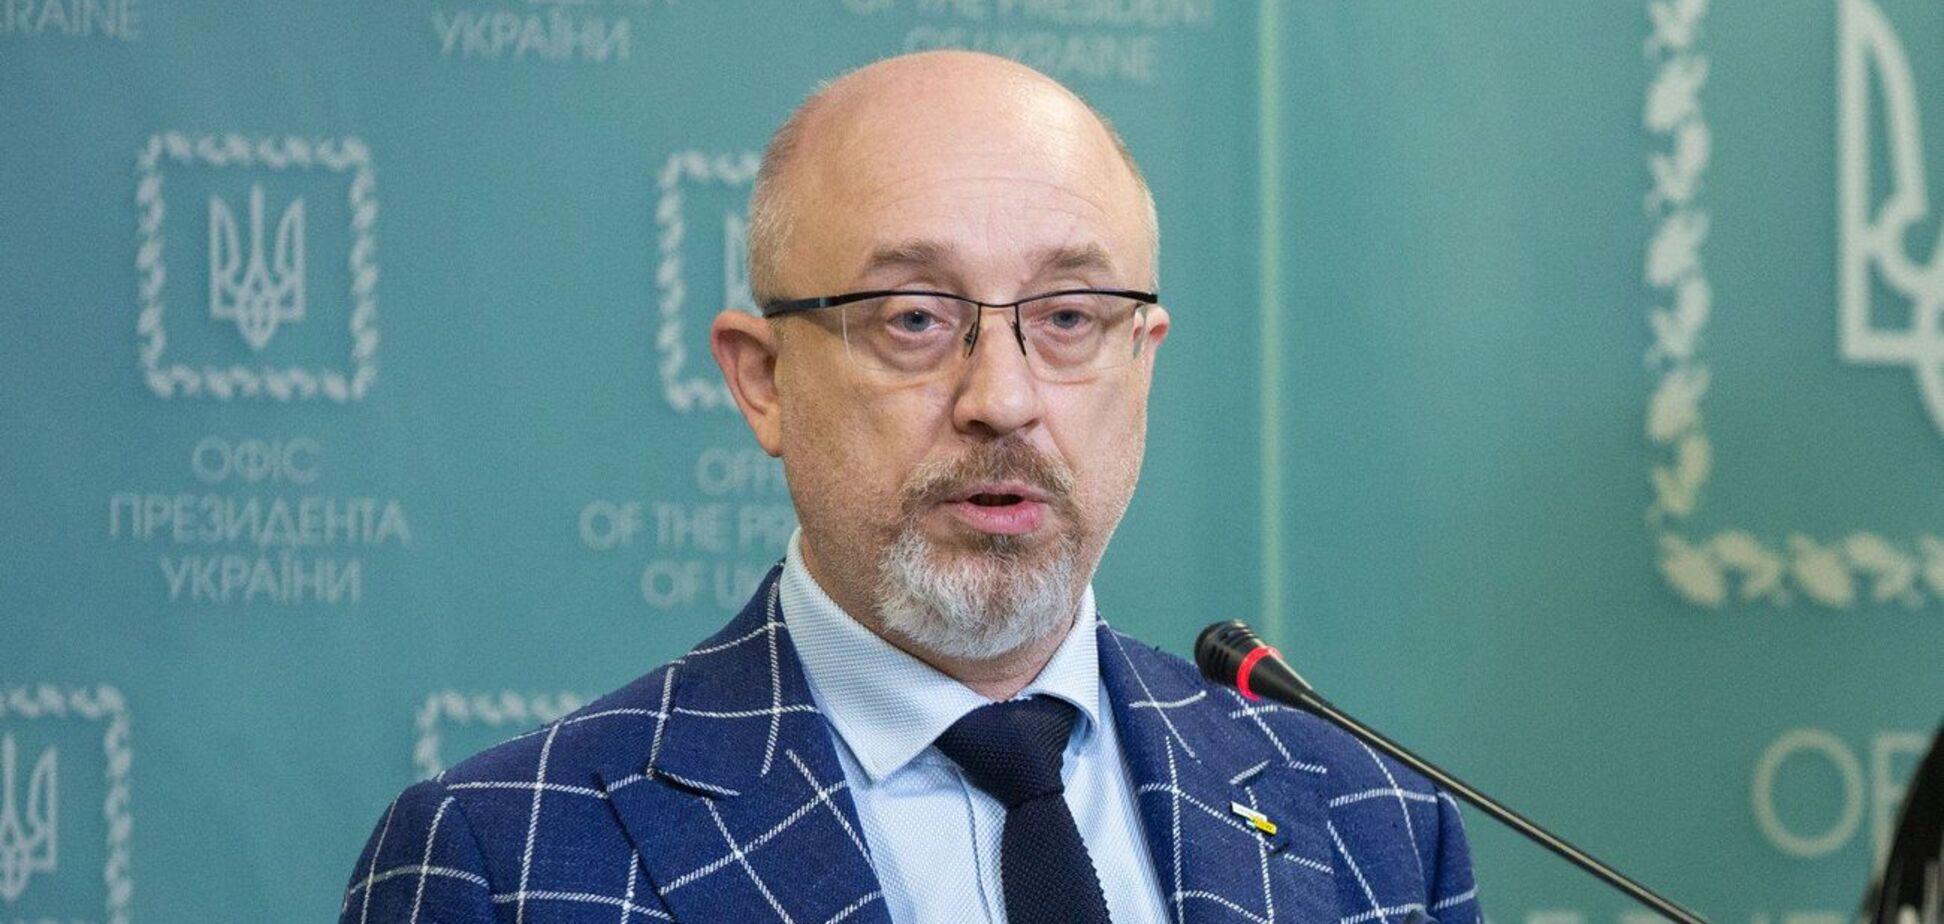 Вице-премьер пояснил, почему СНБО имеет право вводить санкции против украинцев